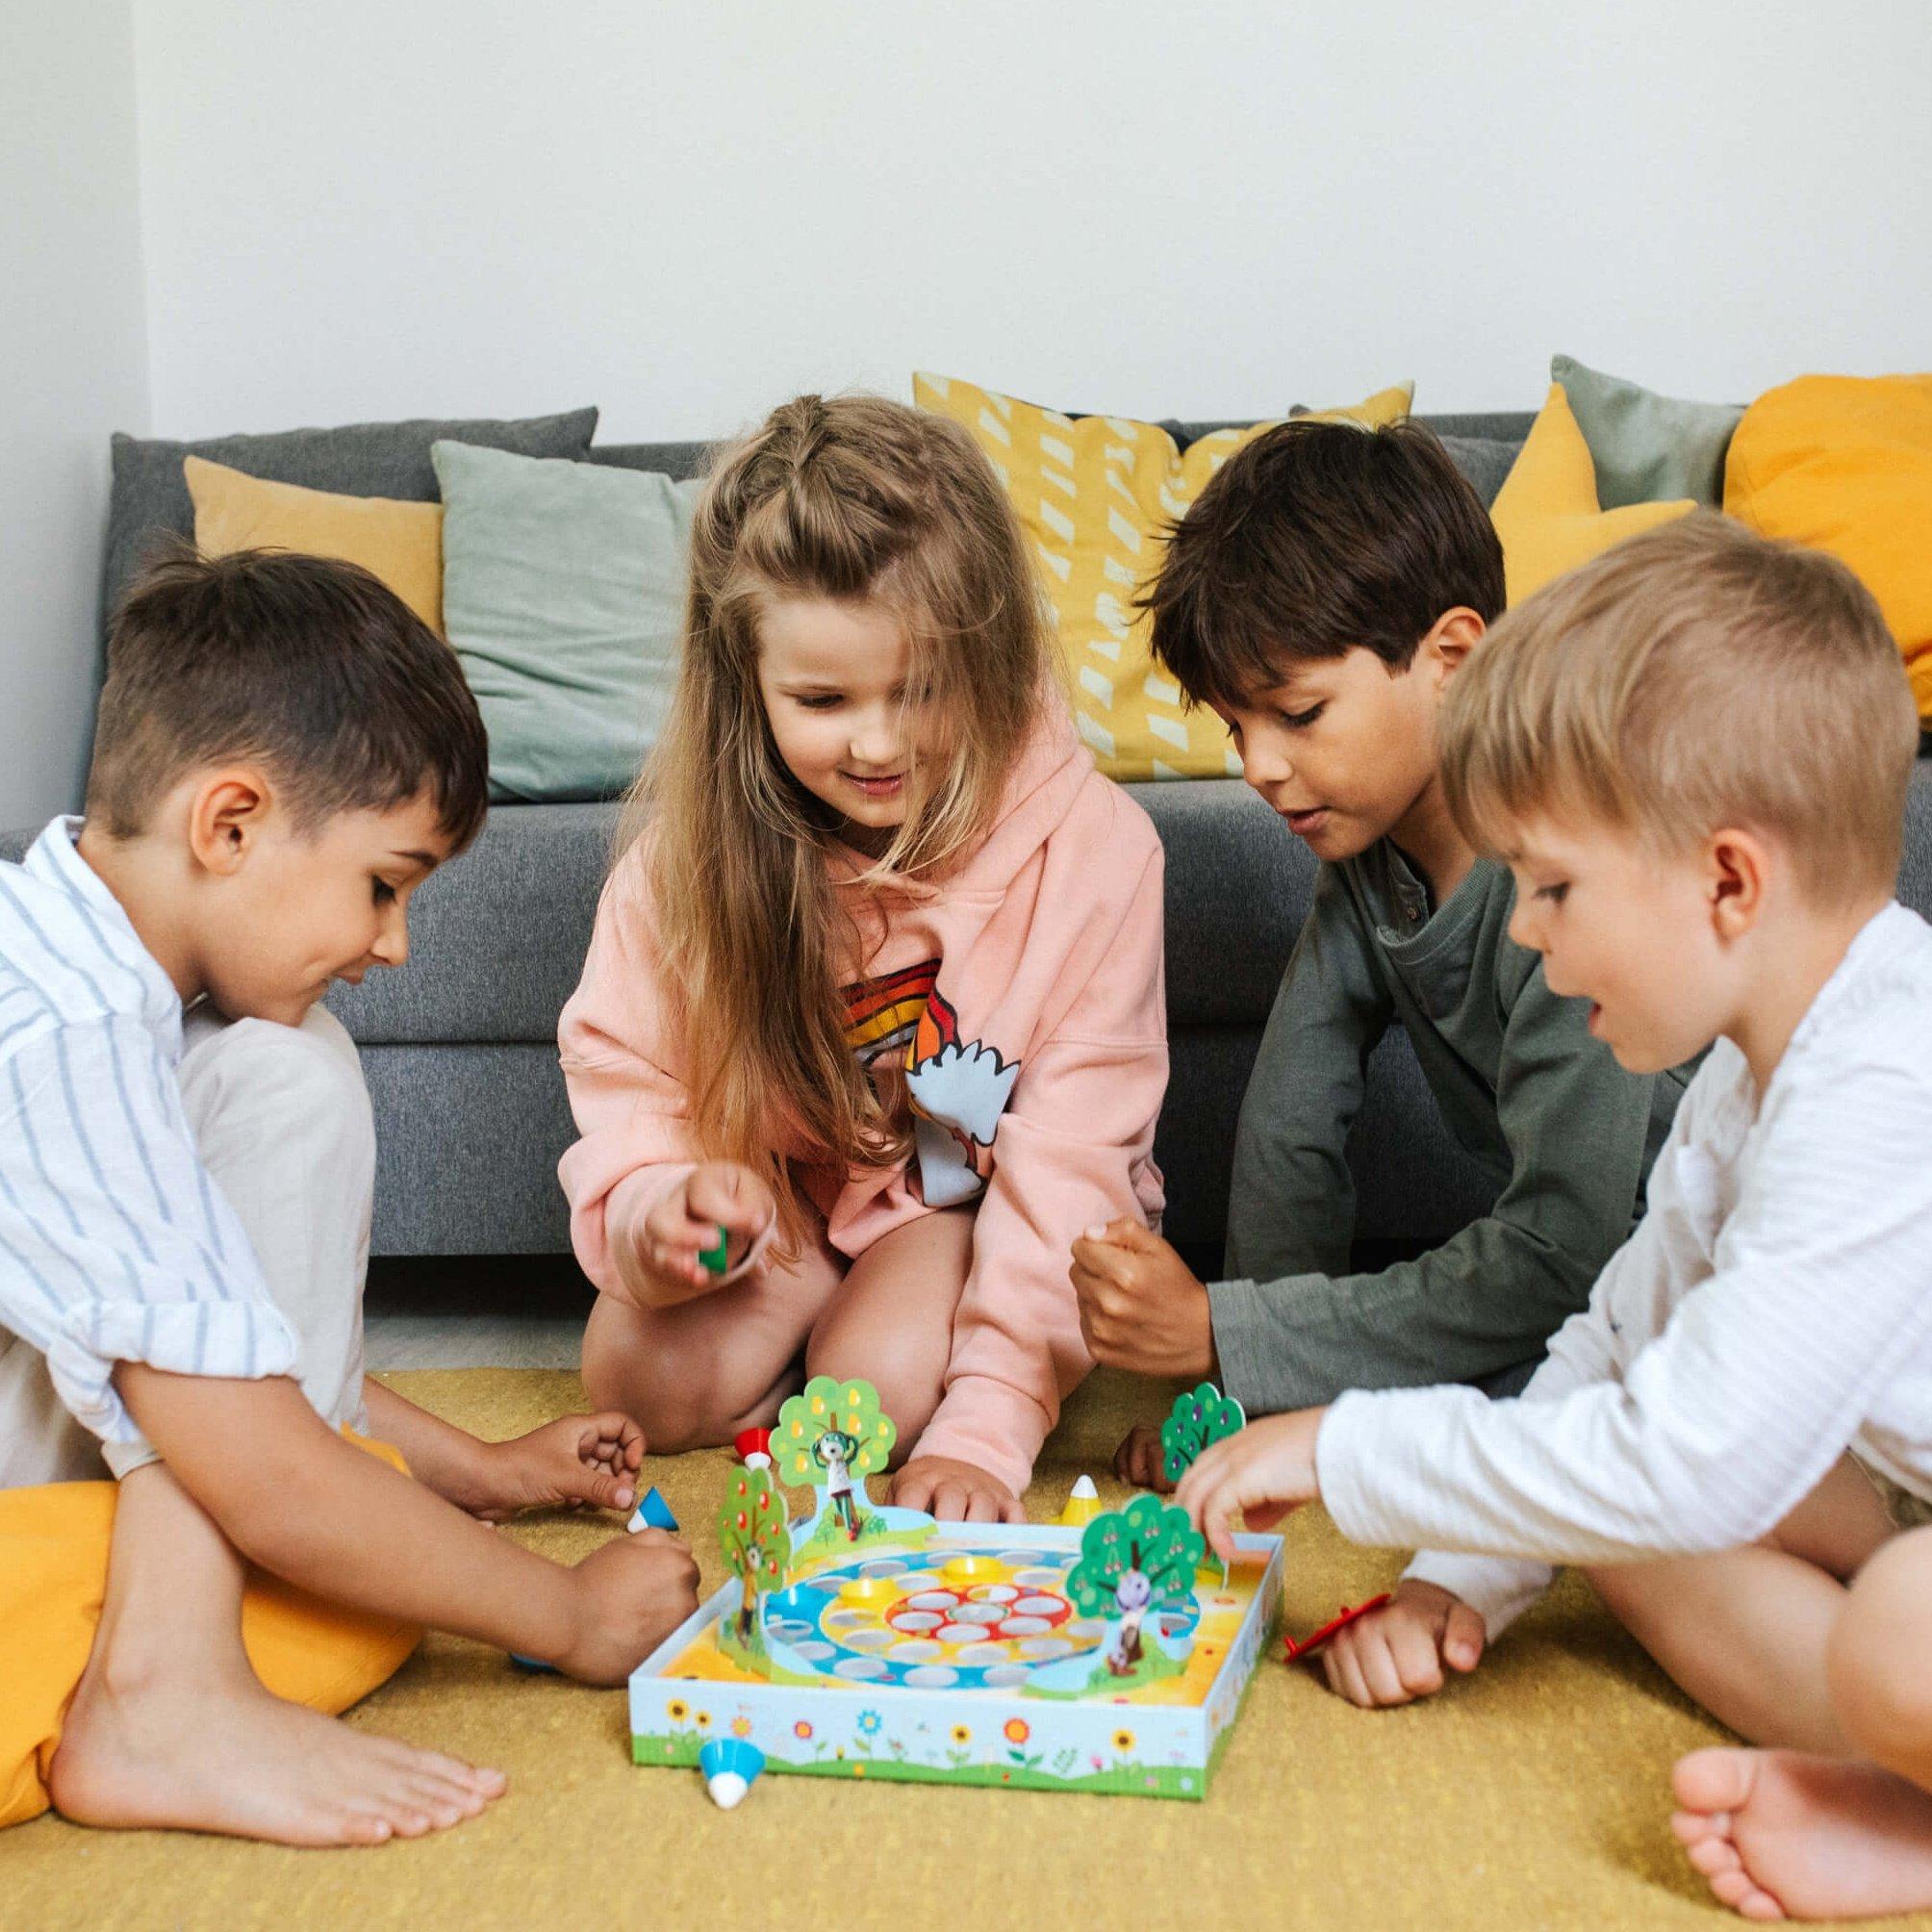 5 najlepszych gier zręcznościowych dla dzieci - ćwicz zręczność swoich dzieci z tymi grami